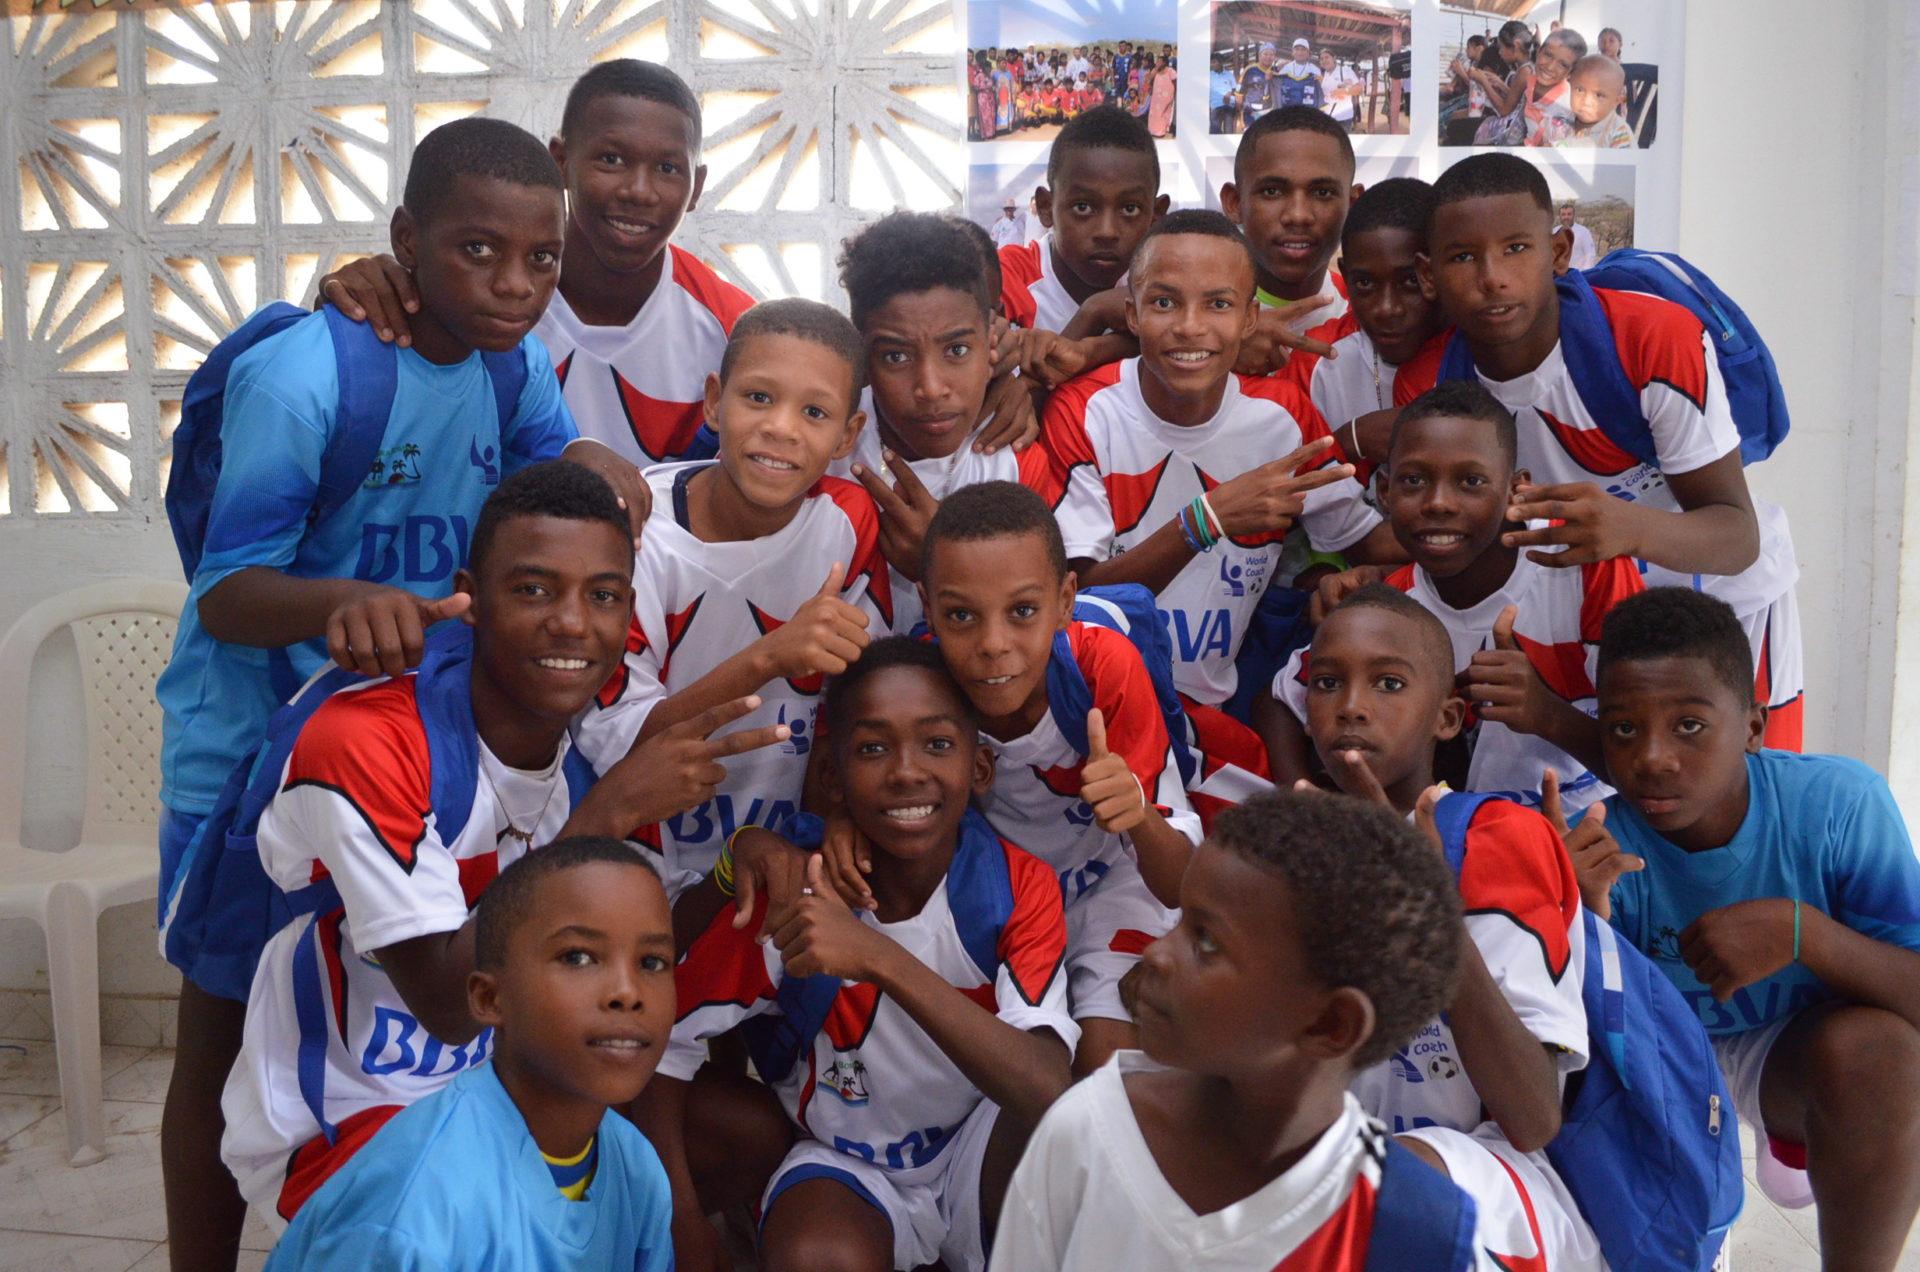 Fotografía de Jóvenes de la Institución Educativa de Tierrabomba